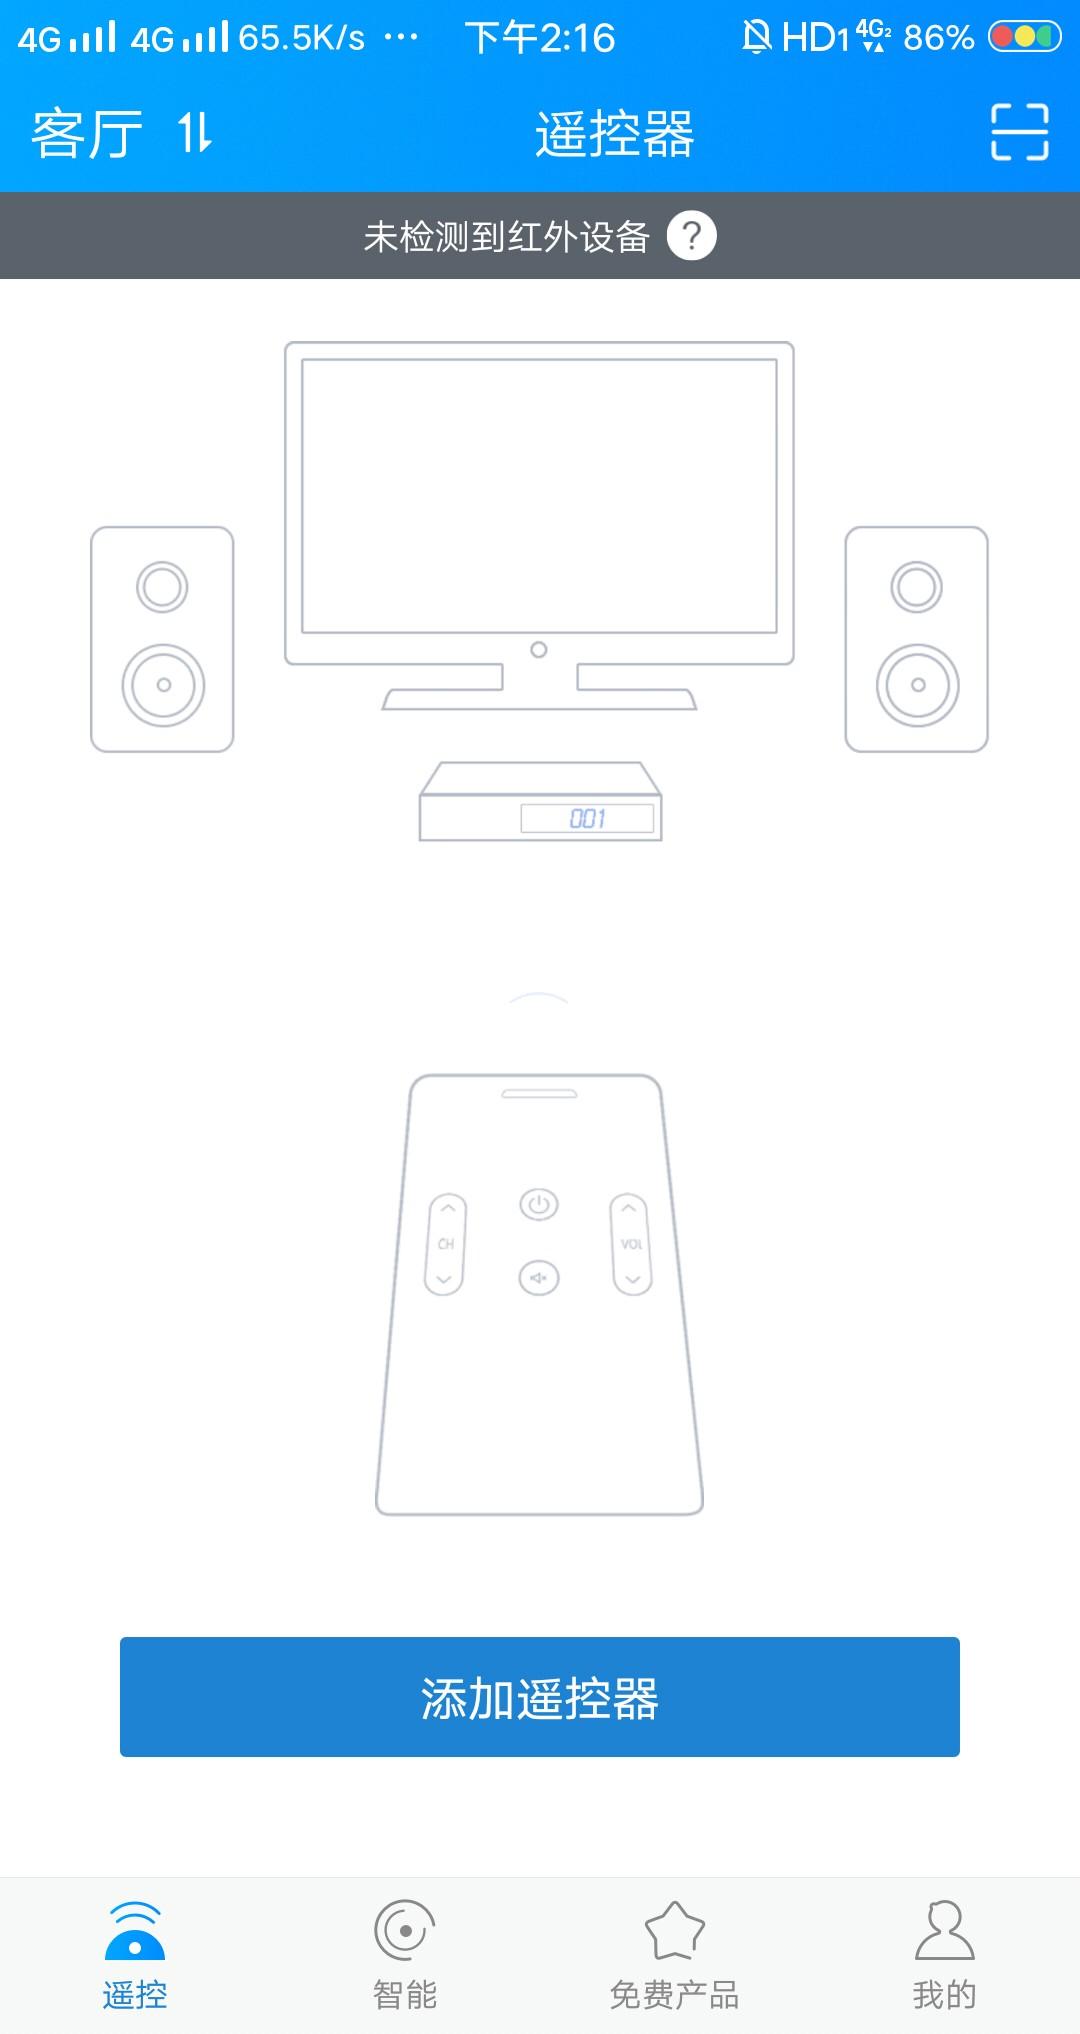 【分享】遥控精灵v4.3.2 堪比天猫精灵的工具-爱小助